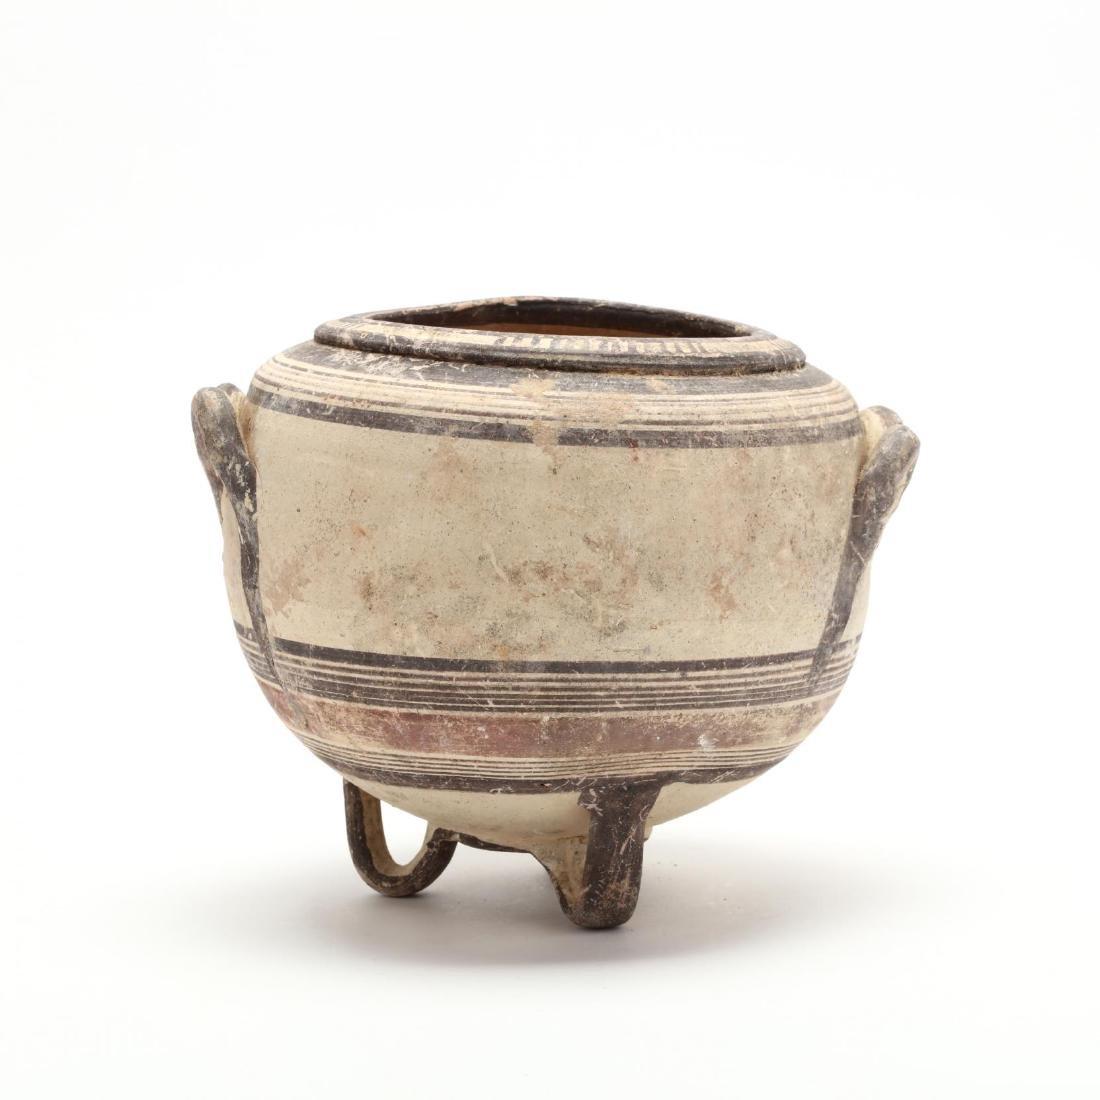 Rare Cypro-Archaic Bichrome Ware Stamnos